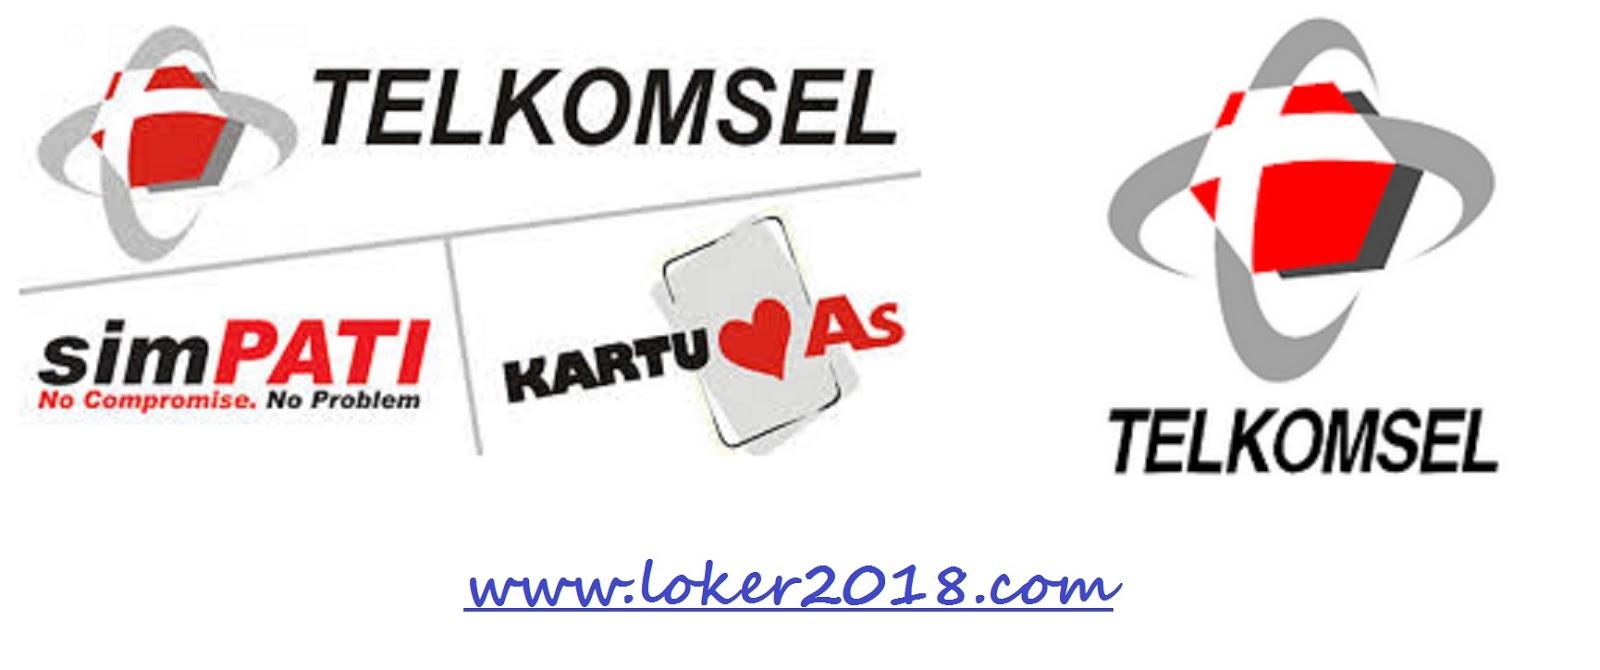 Loker Telkomsel 2018